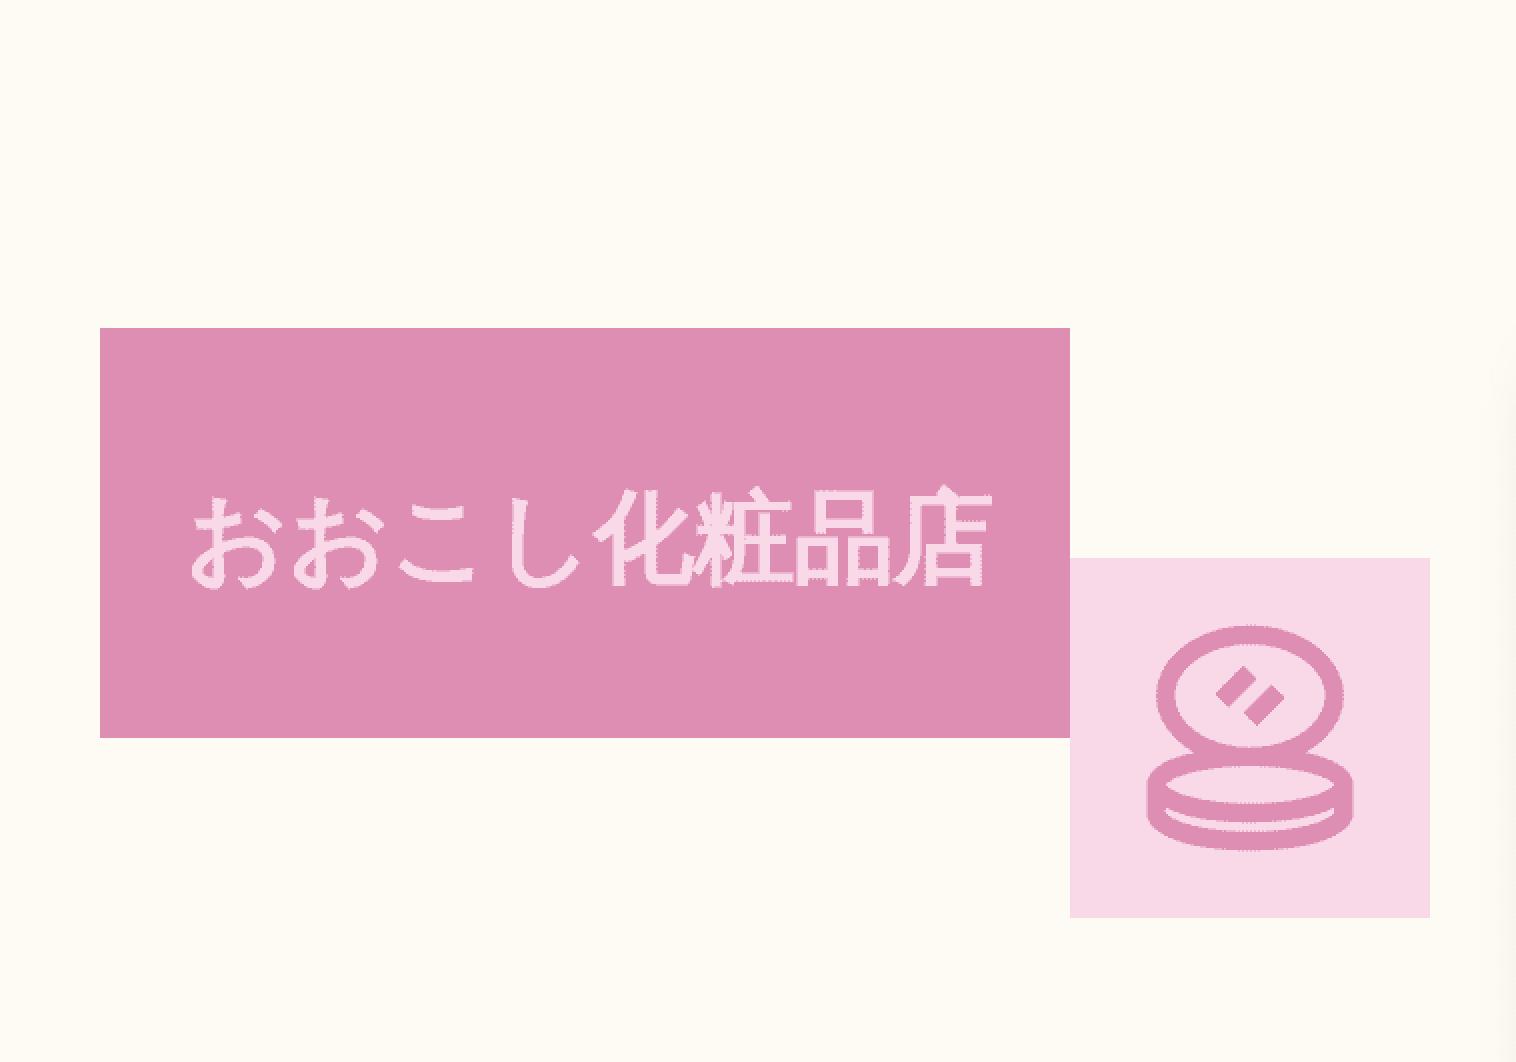 埼玉のエステサロン 「おおこし化粧品店」